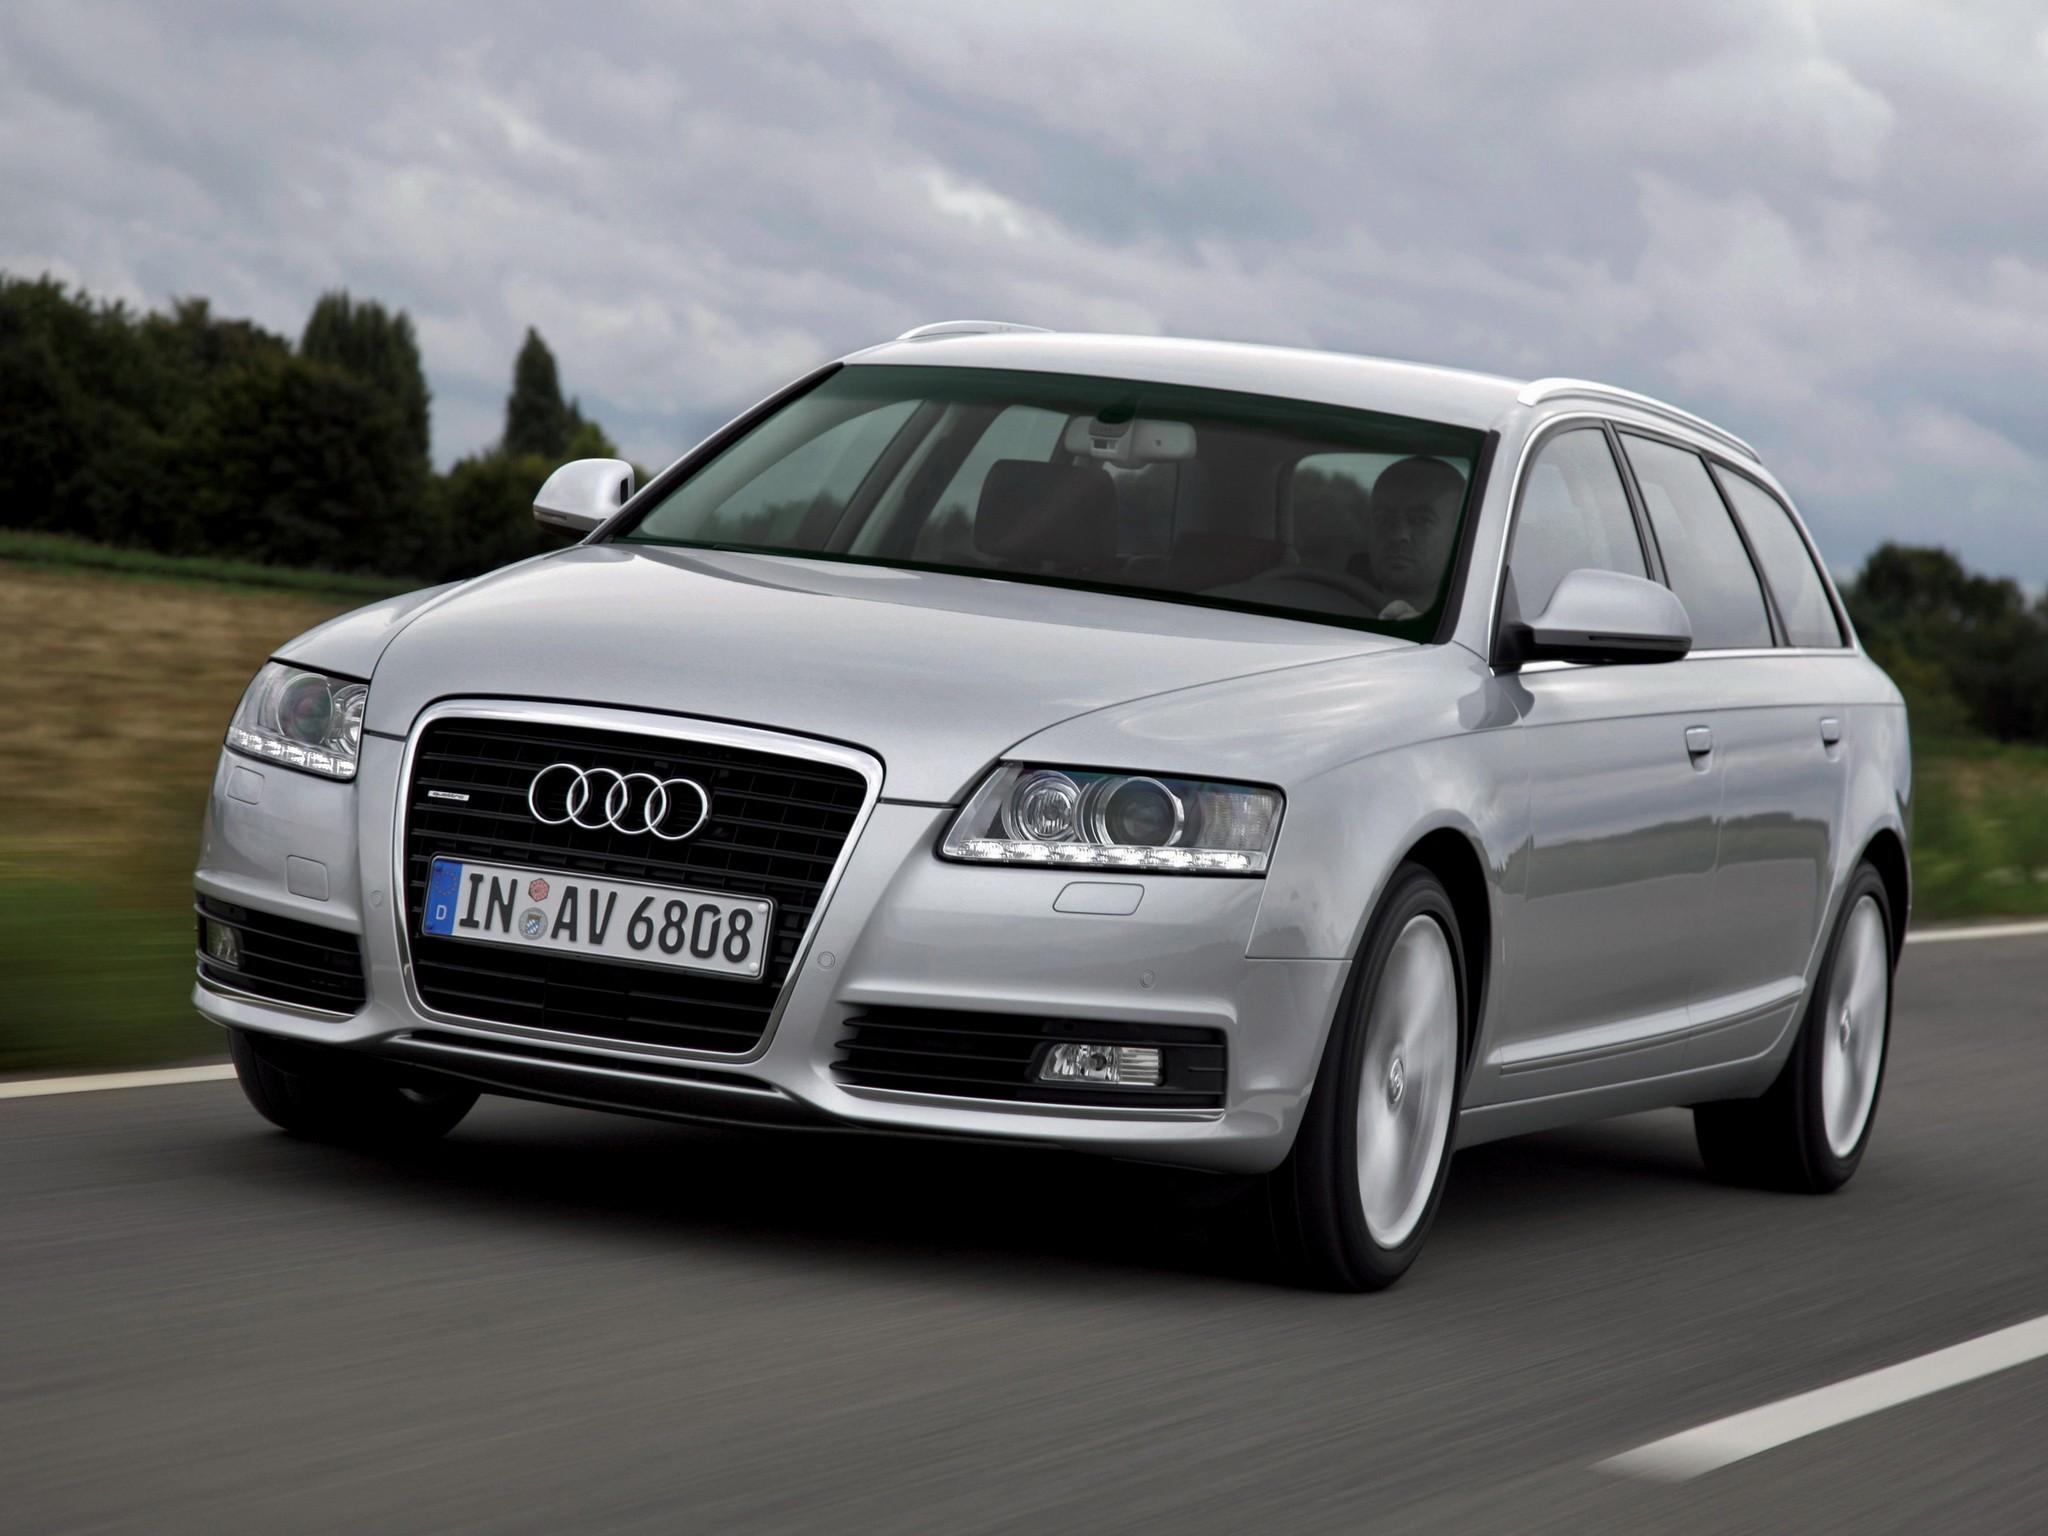 Audi a6 avant 2008 2009 2010 2011 autoevolution for Audi a6 avant interieur